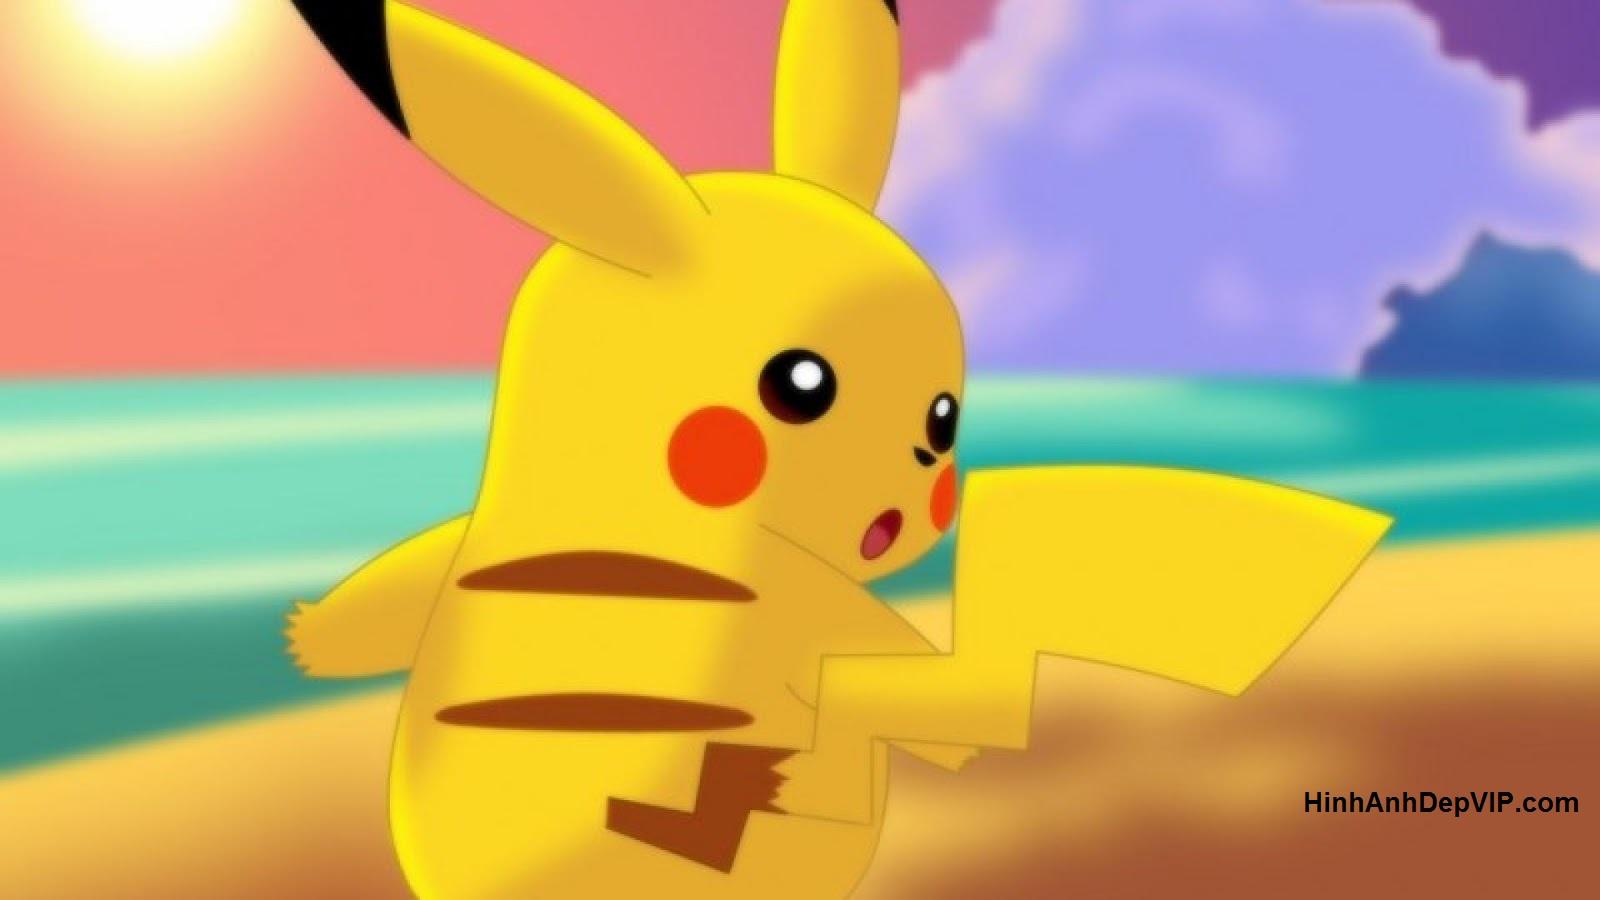 hinh anh pikachu de thuong